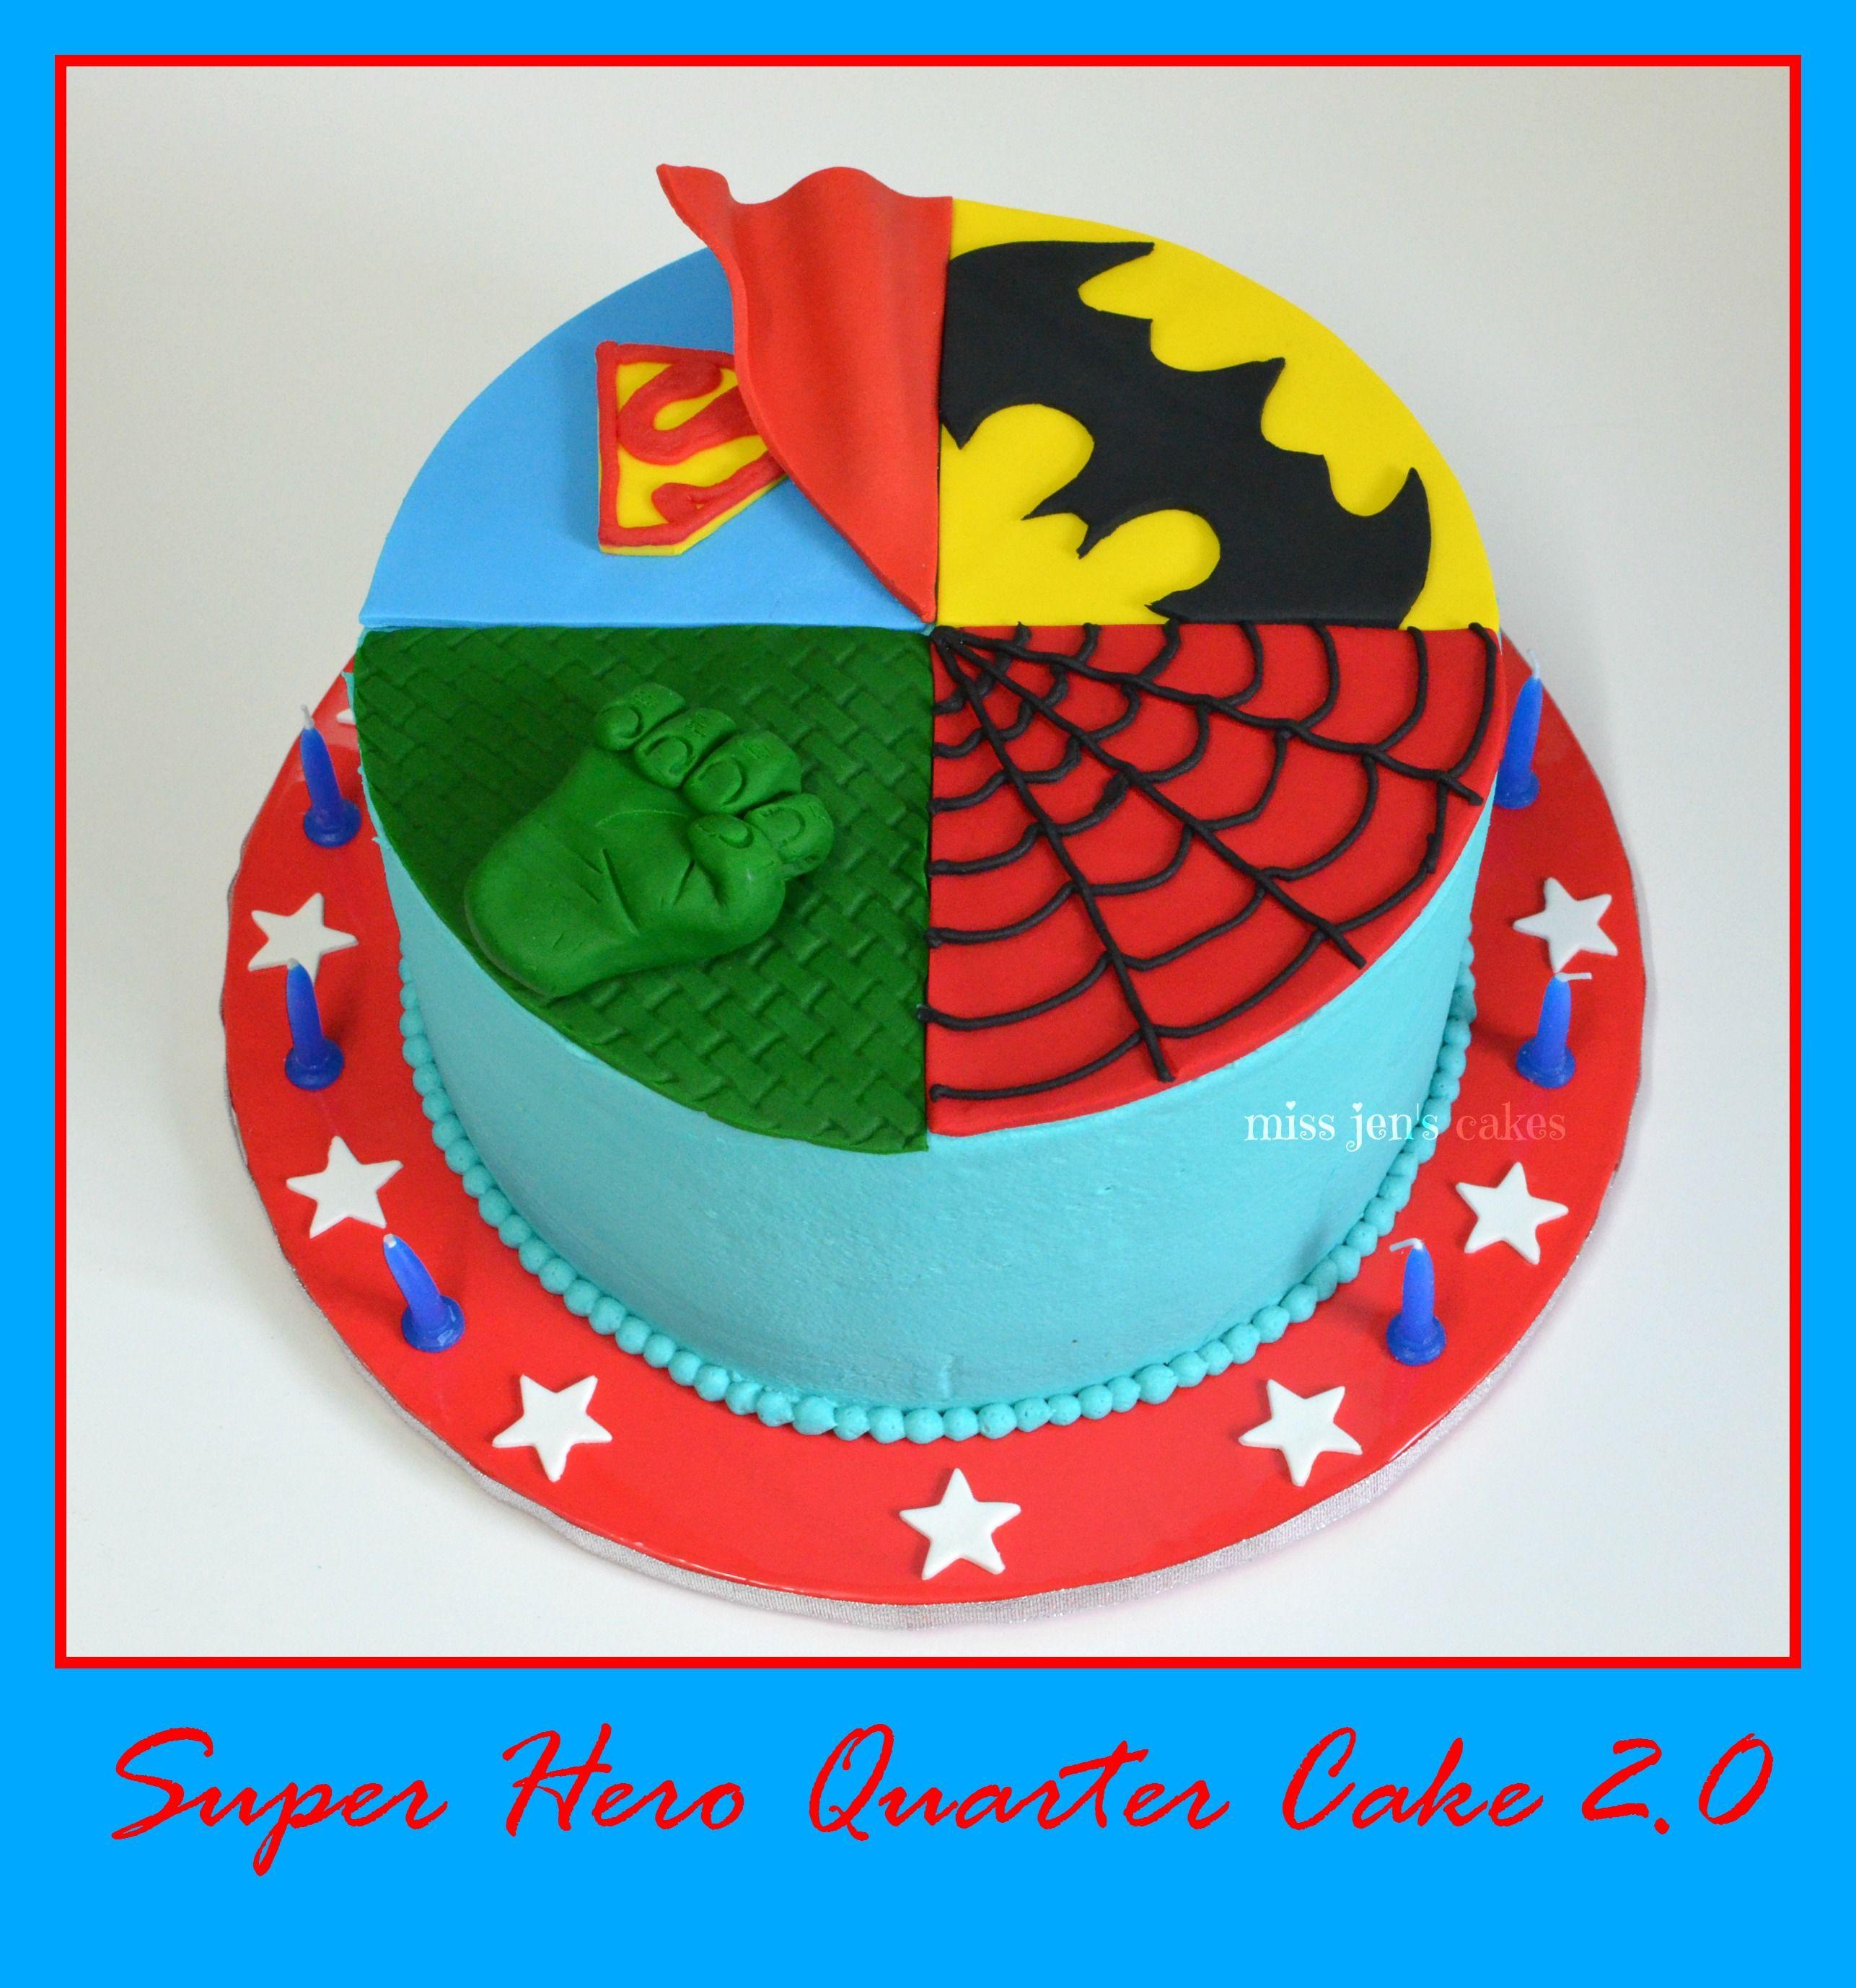 Wwwfacebookcommissjenscakes Salisbury  Brisbane Ten Inch Triple Layer Chocolate Cake